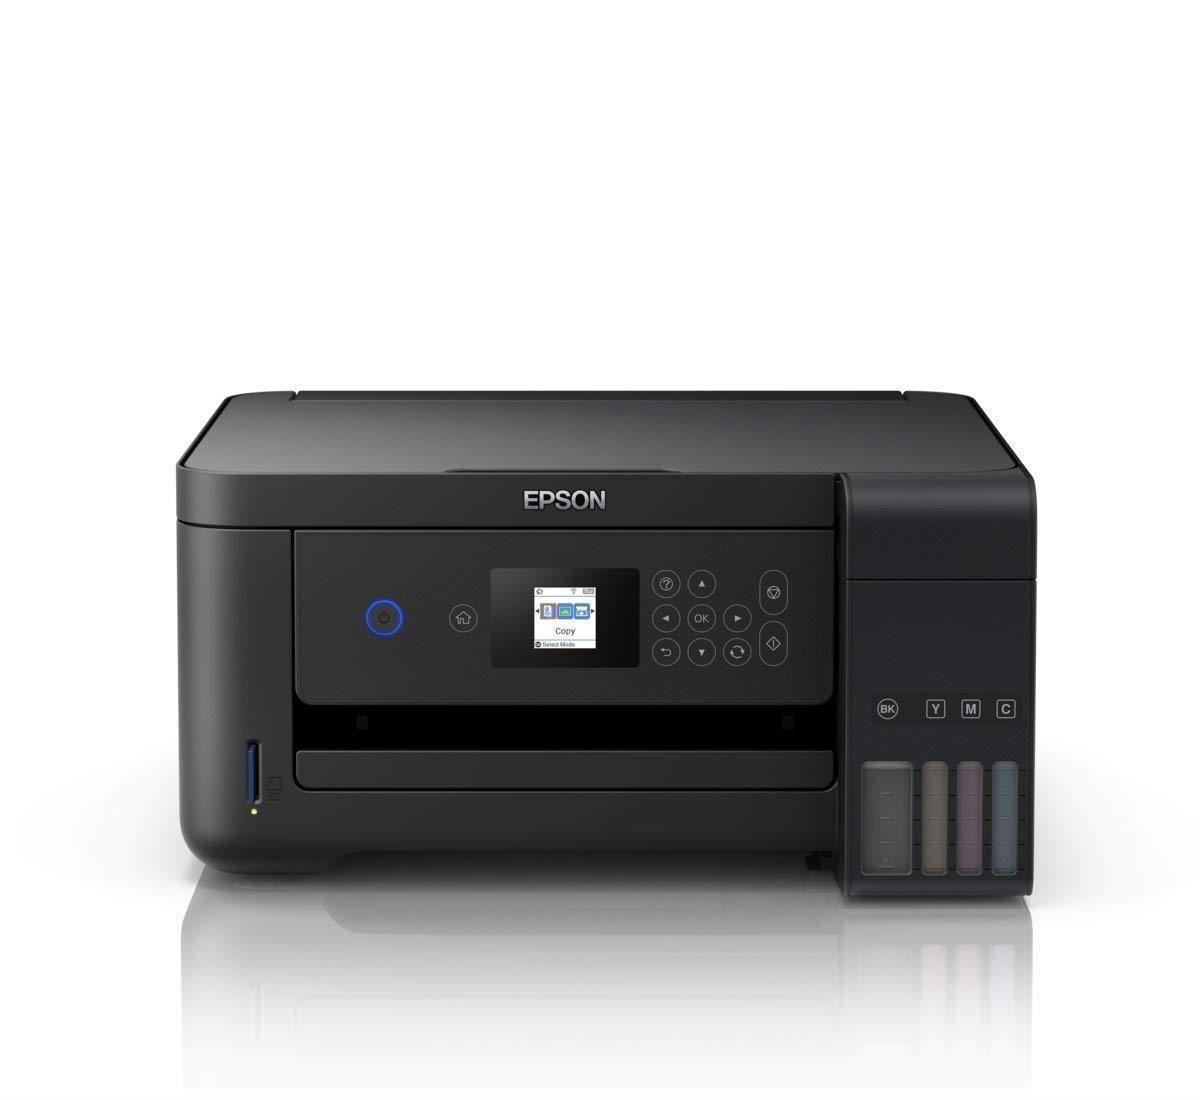 Daudzfunkciju Ierice Printeris Un Skeneris Epson L4160 C11cg23401 Ink Colored A4 Flatbed Scanner Mobile Scanner Tank Printer Ink Tank Printer Printer